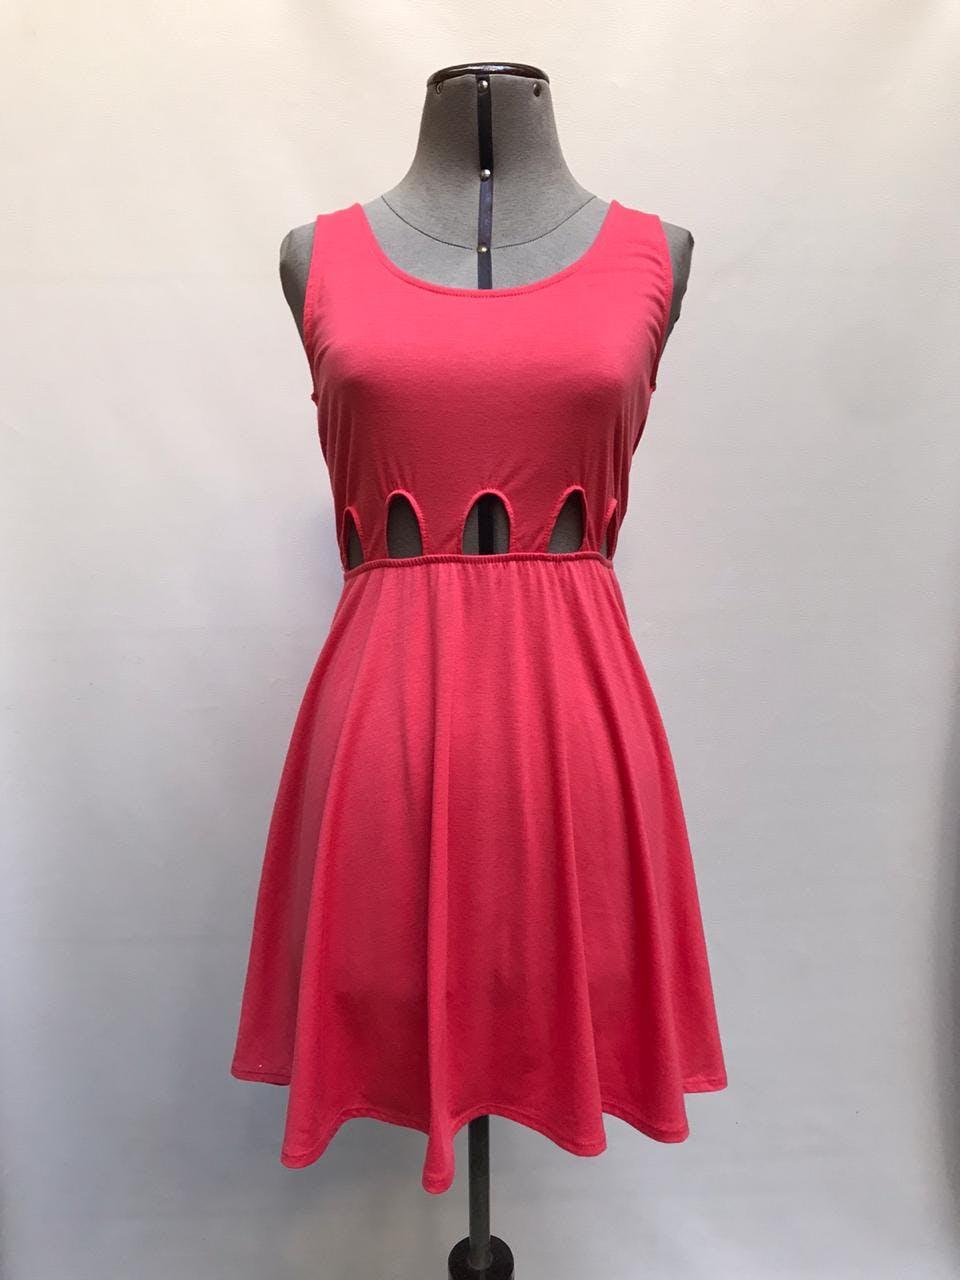 Vestido coral tela tipo algodón con aberturas y elástico en la cintura, corte de falda campana Talla S